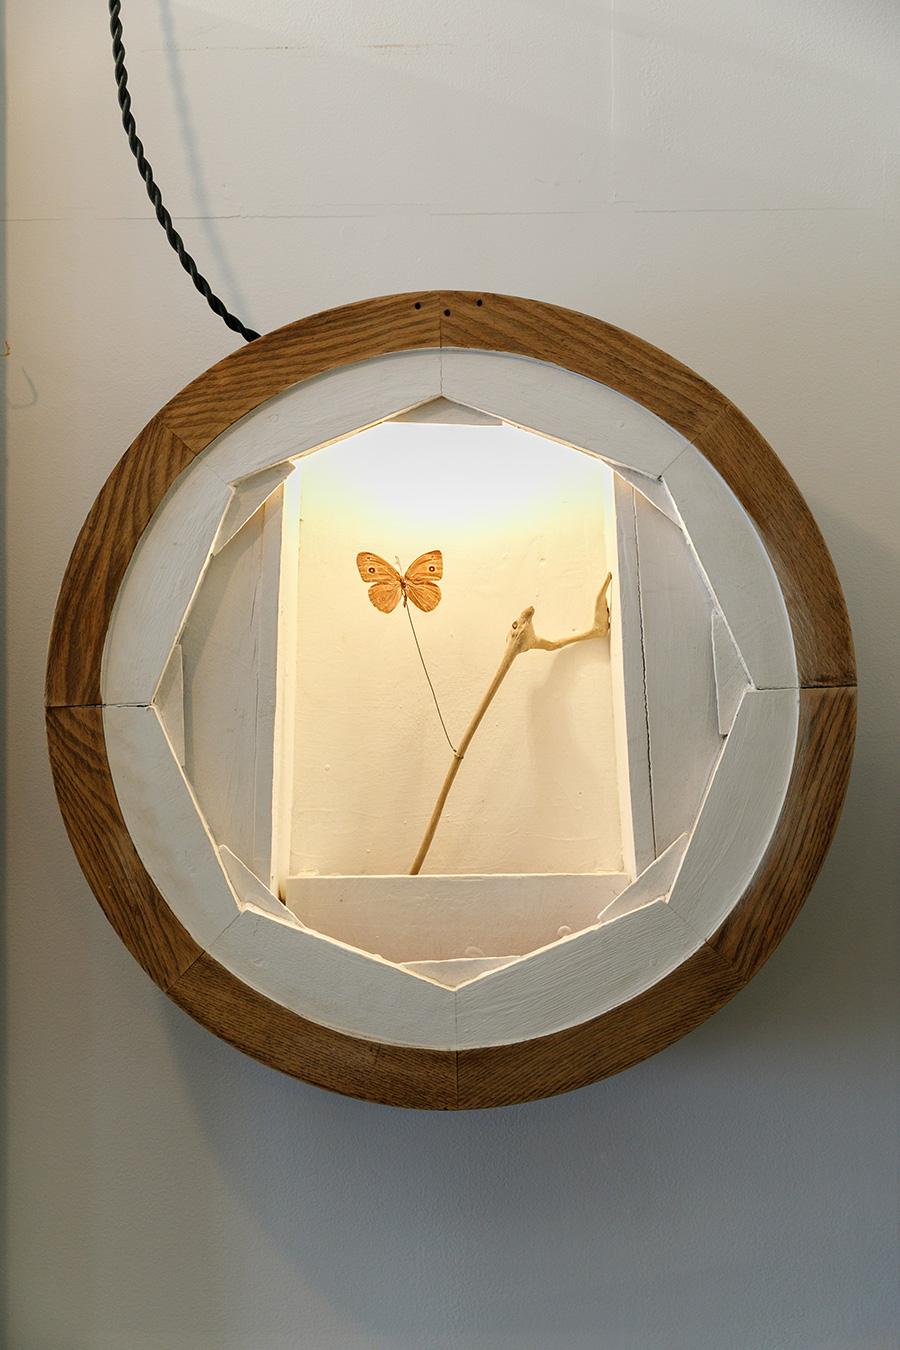 物語を感じることのできる奥行きのある壁かけのオブジェは、蝶を照らすライトがさらにドラマチックに。